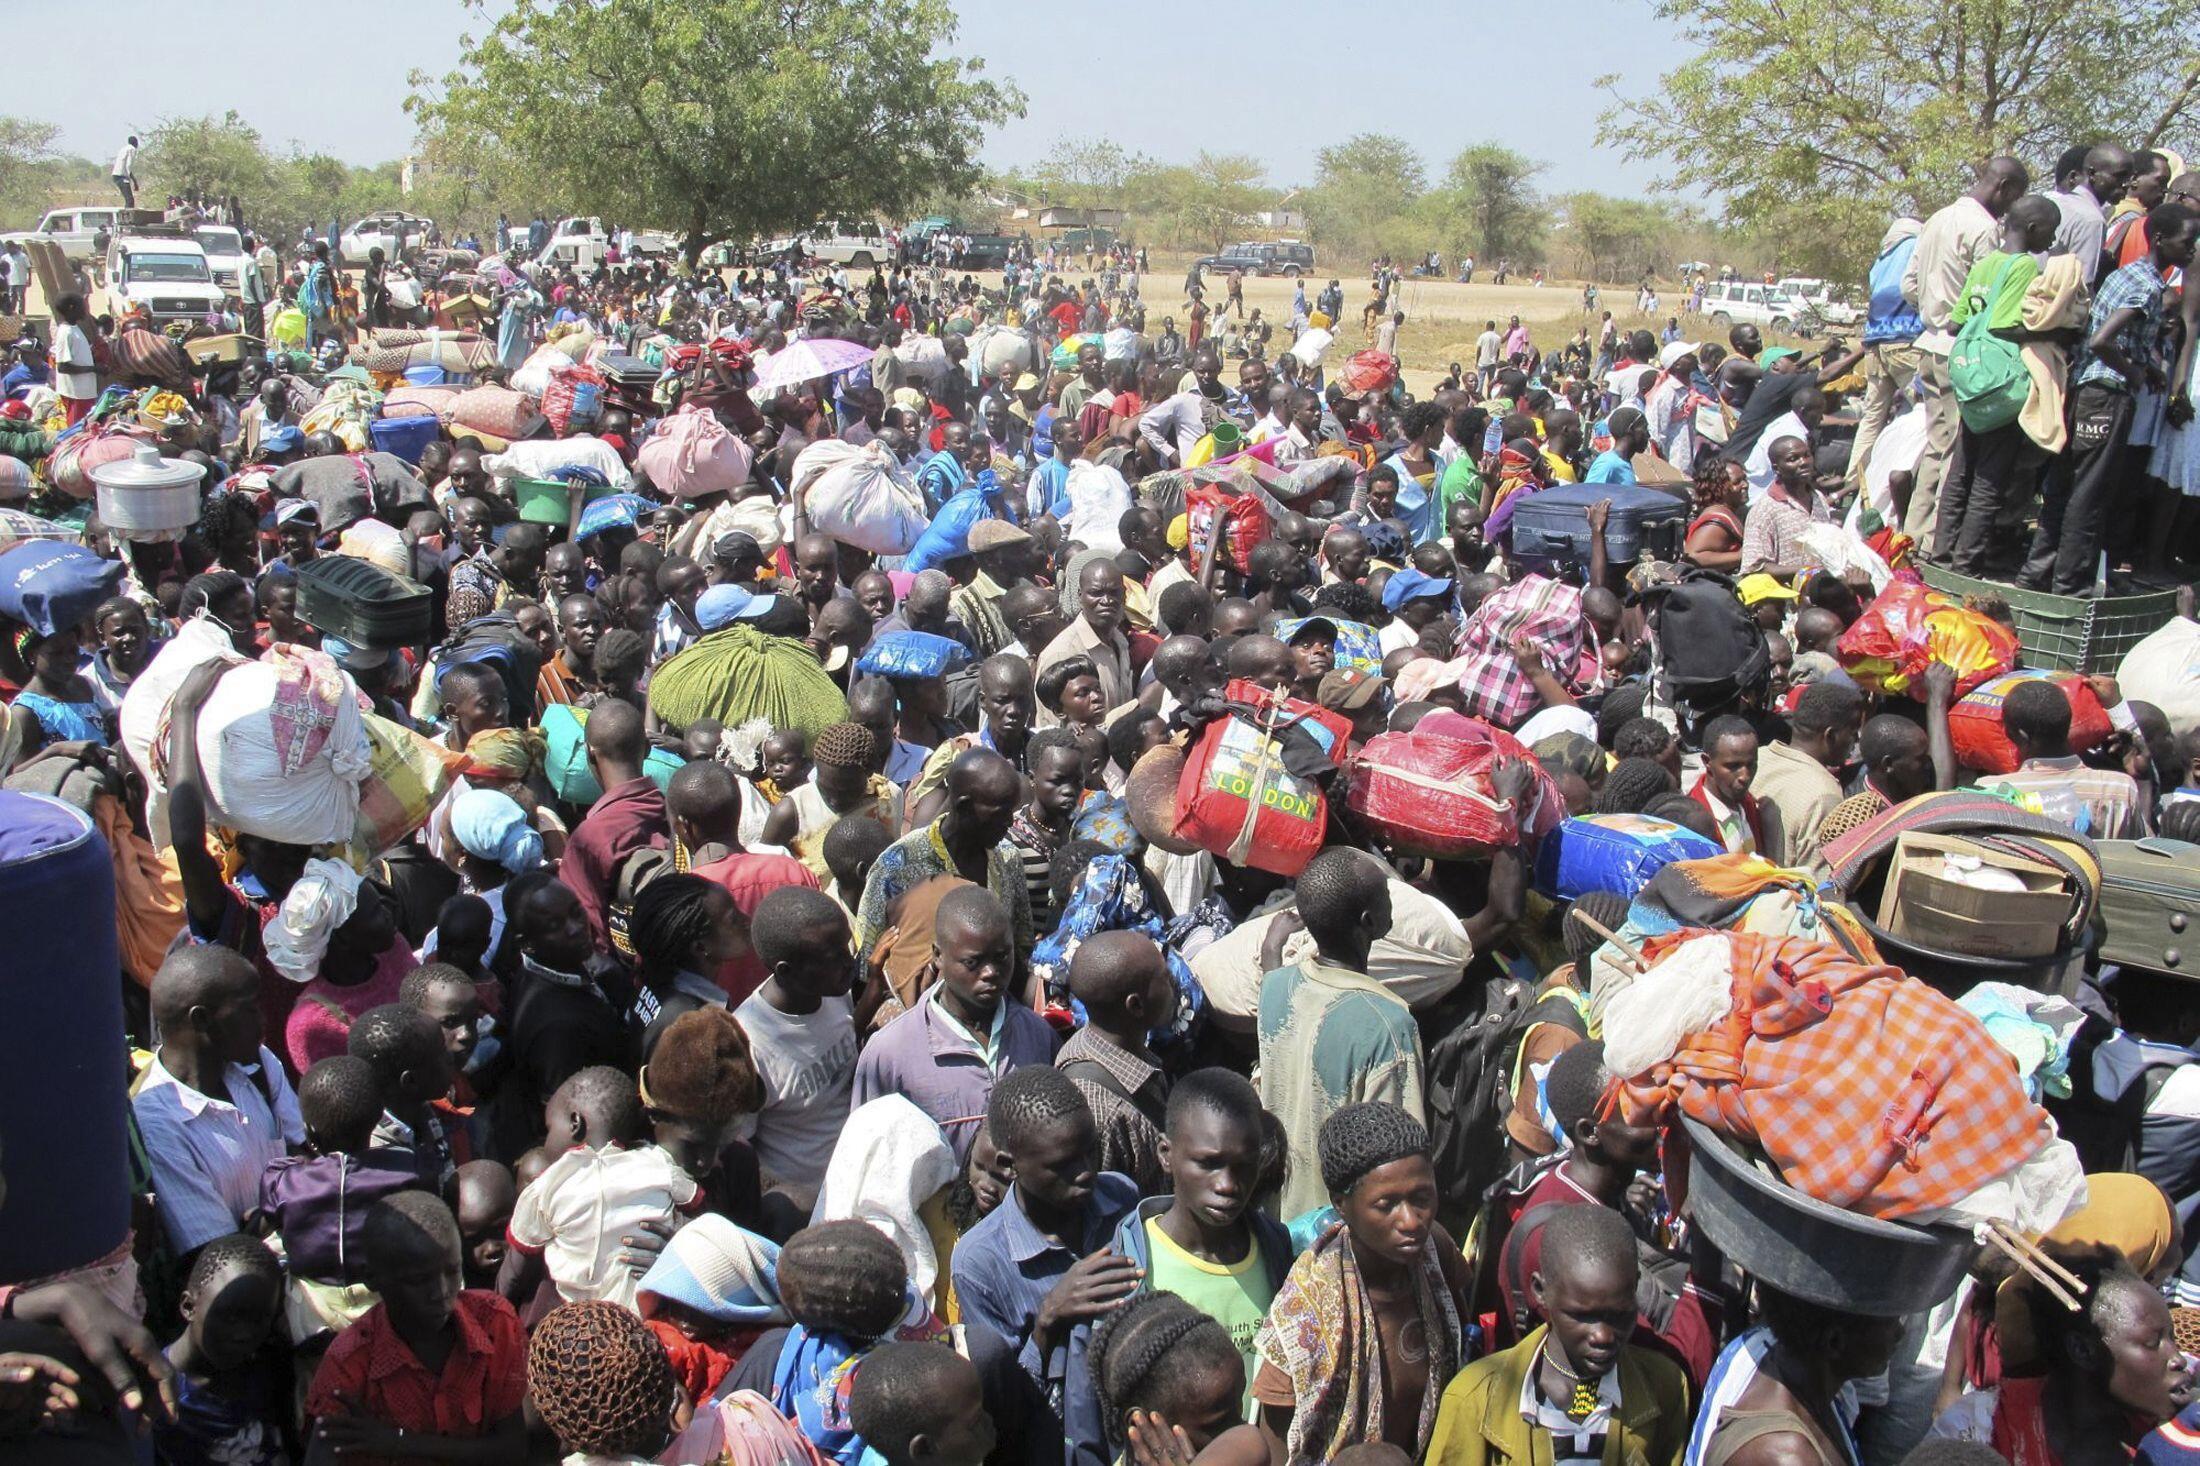 Des civils, fuyant les affrontements dans la ville de Bor, affluent vers la Mission des Nations unies (UNMISS), au Soudan du Sud, le 18décembre 2013, (photo fournie par l'UNMISS).